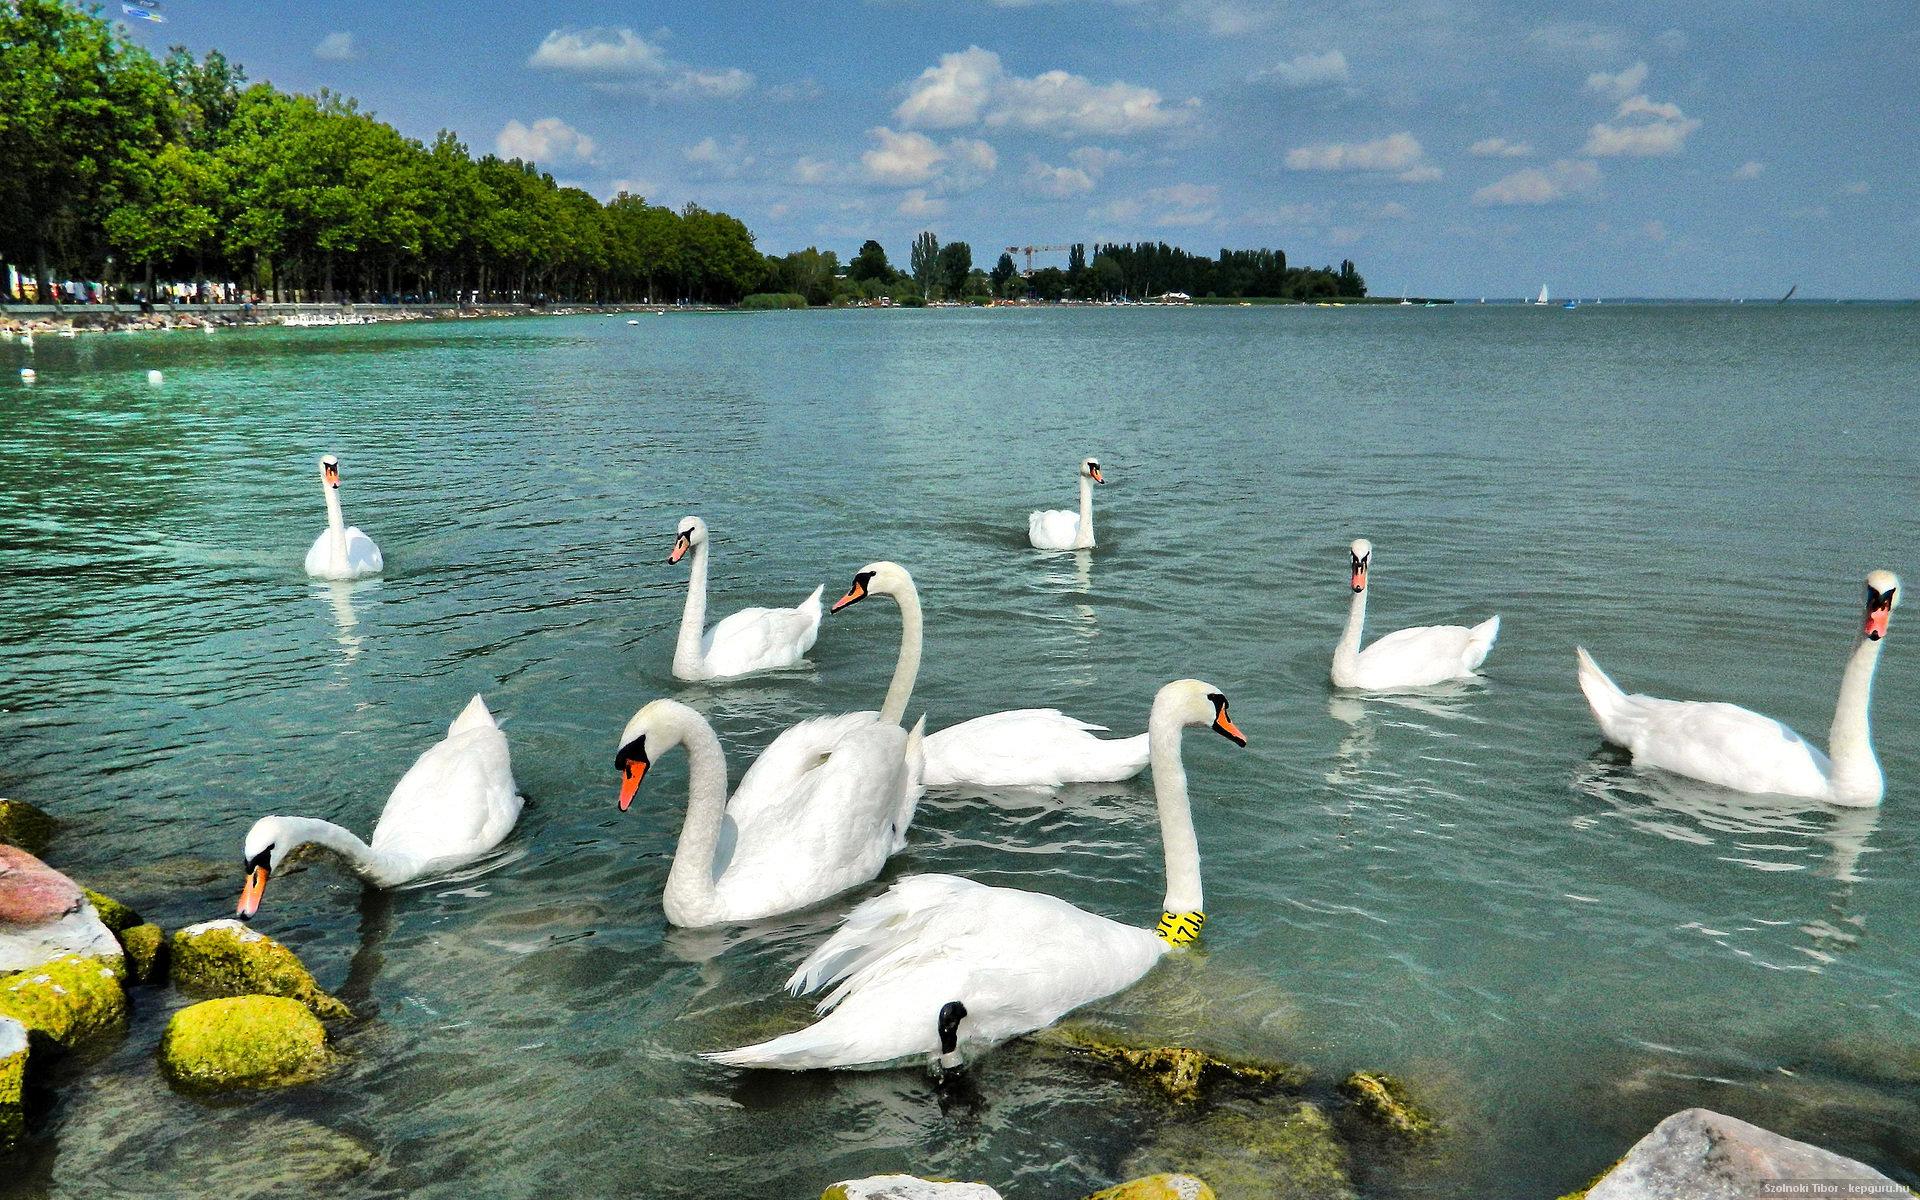 布达佩斯(Budapest)-巴拉顿湖区(Balaton)-萨格勒布(Zagreb)(350KM)